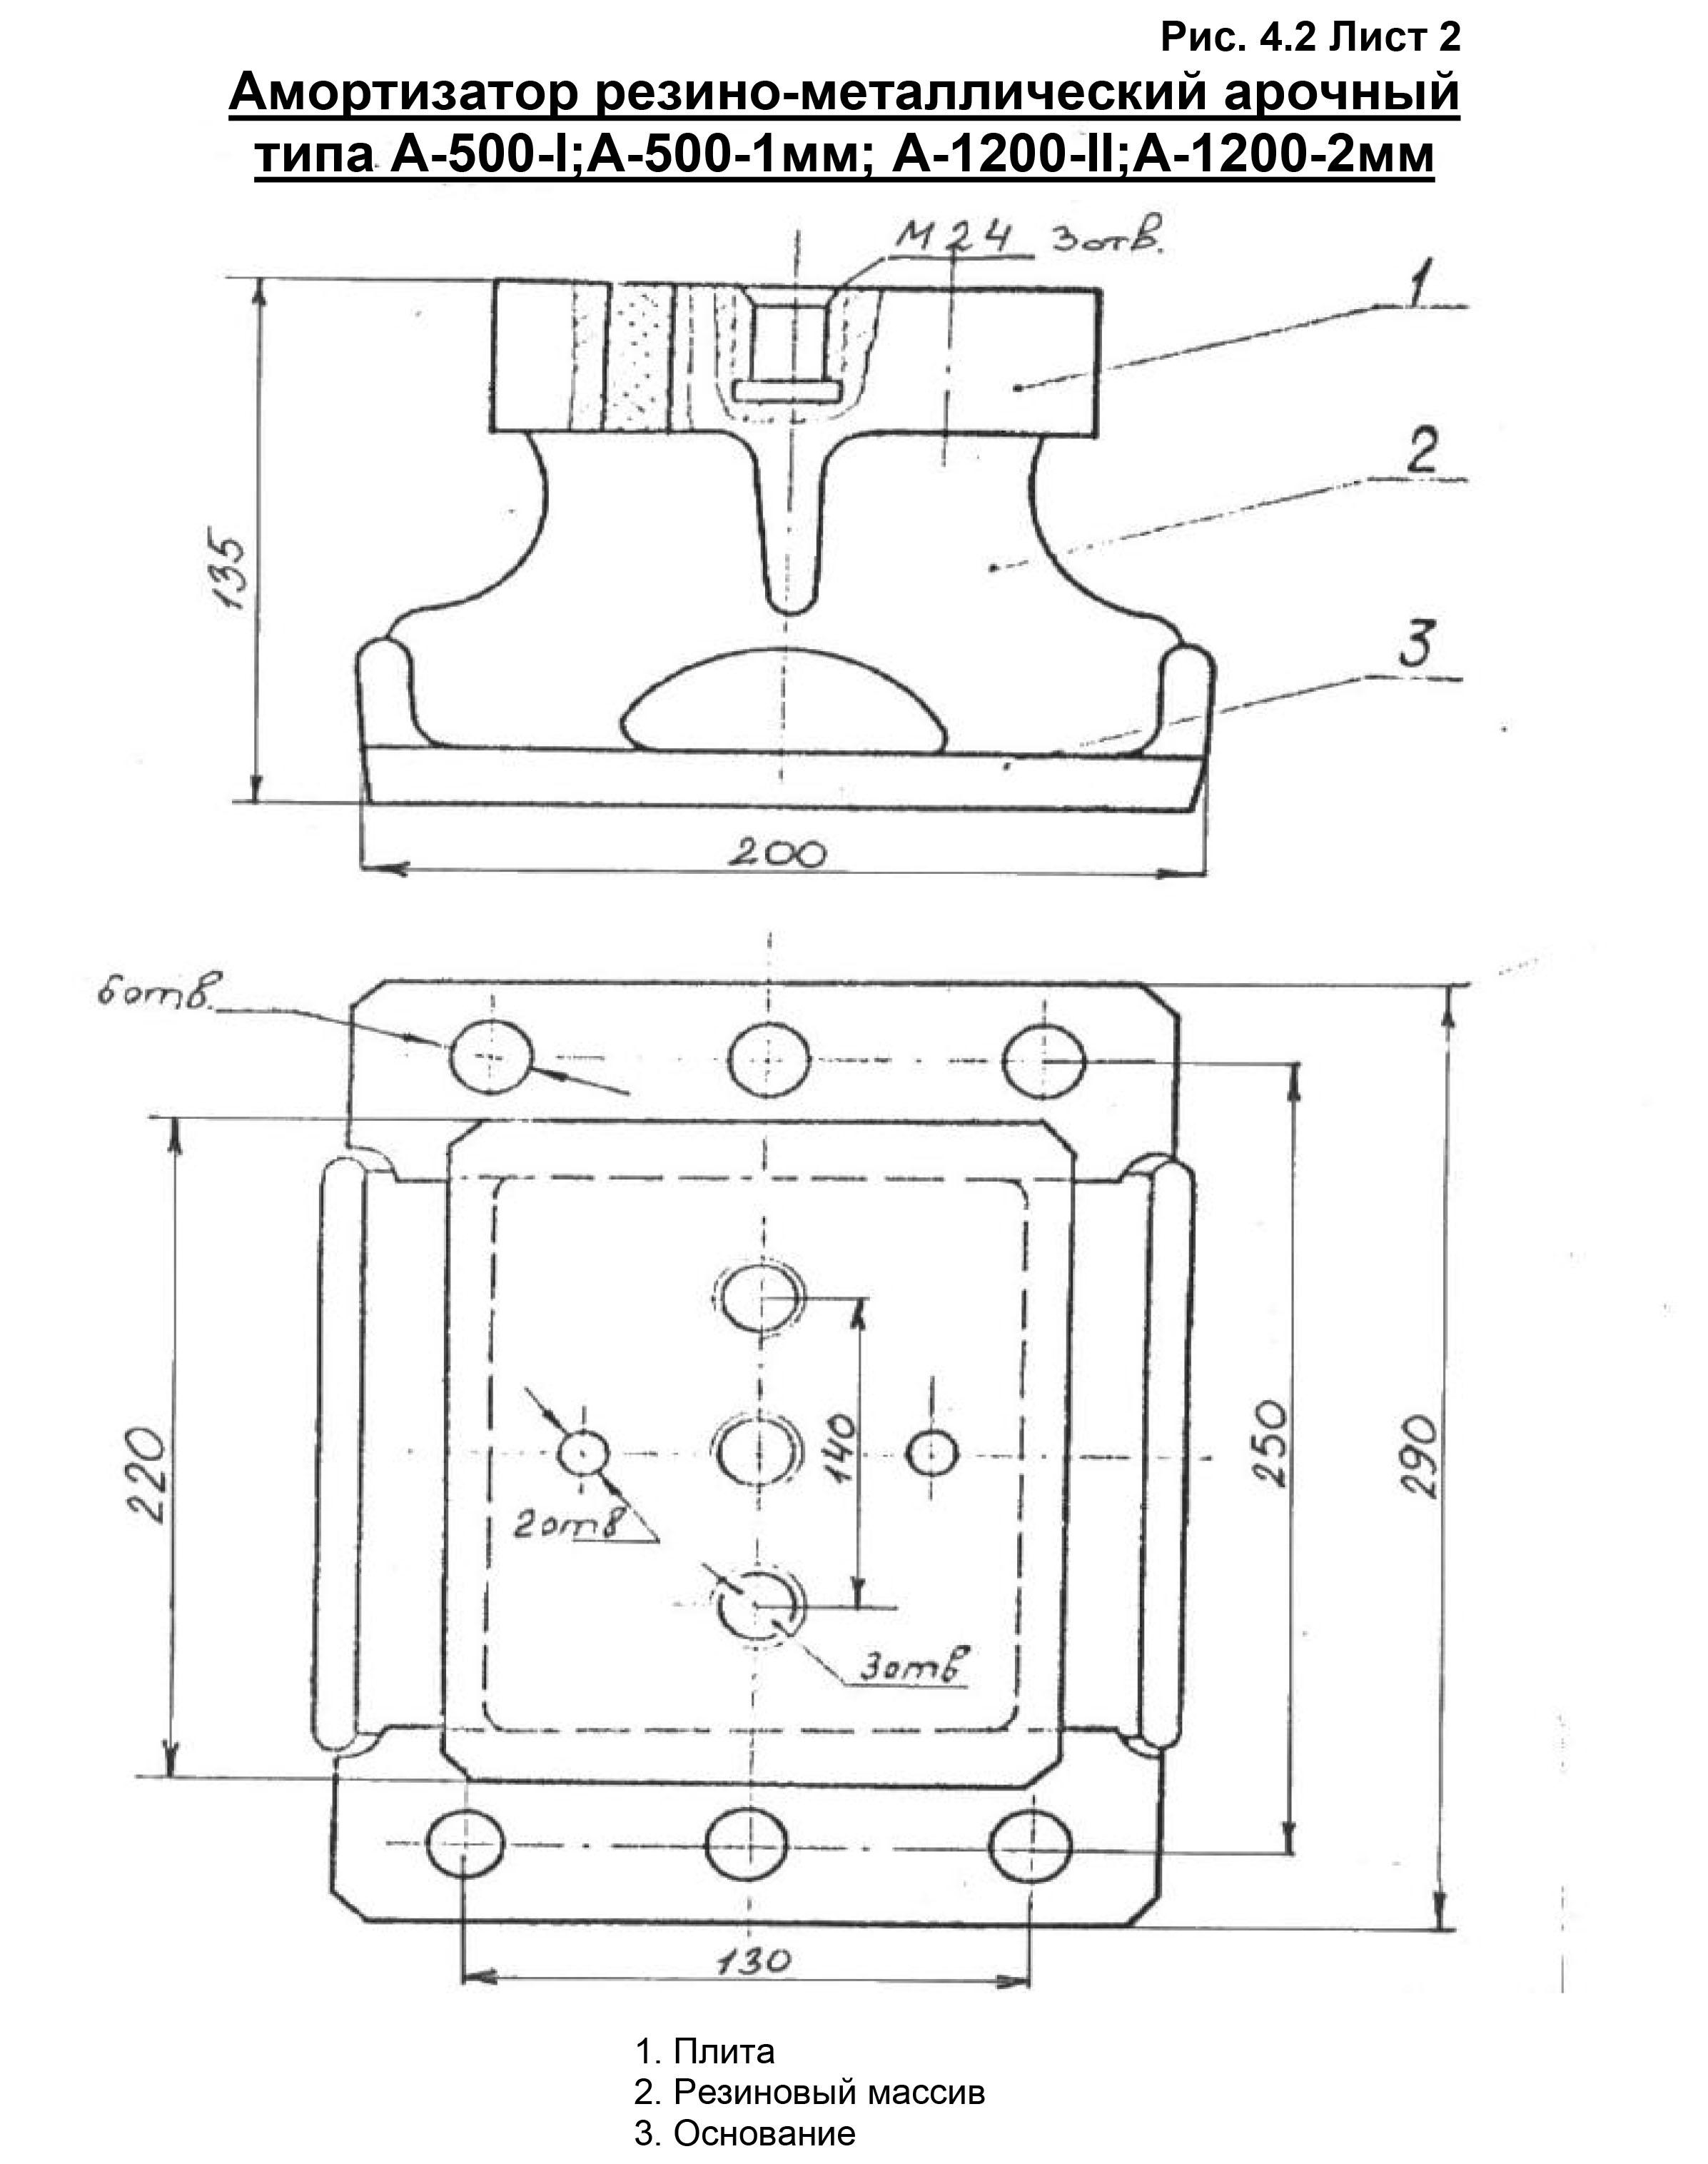 Амортизатор арочного типа А-500  А-1200 .